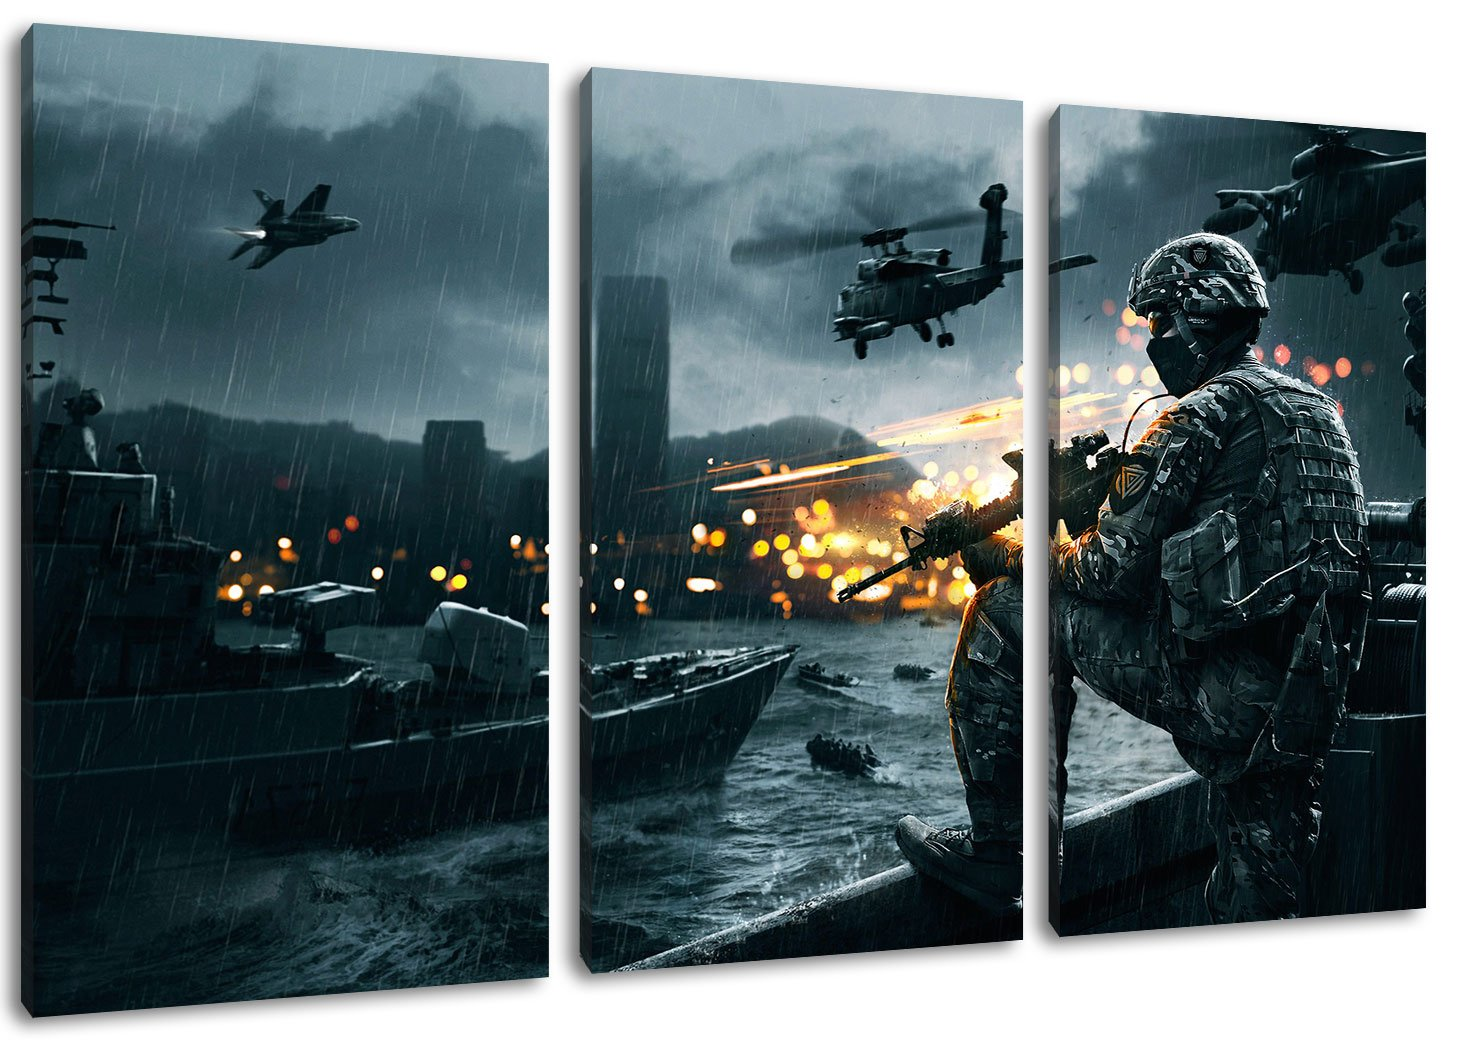 Amazon.de: battlefield 4 3-teilig auf Leinwand- Gesamtformat: 120x80 ...